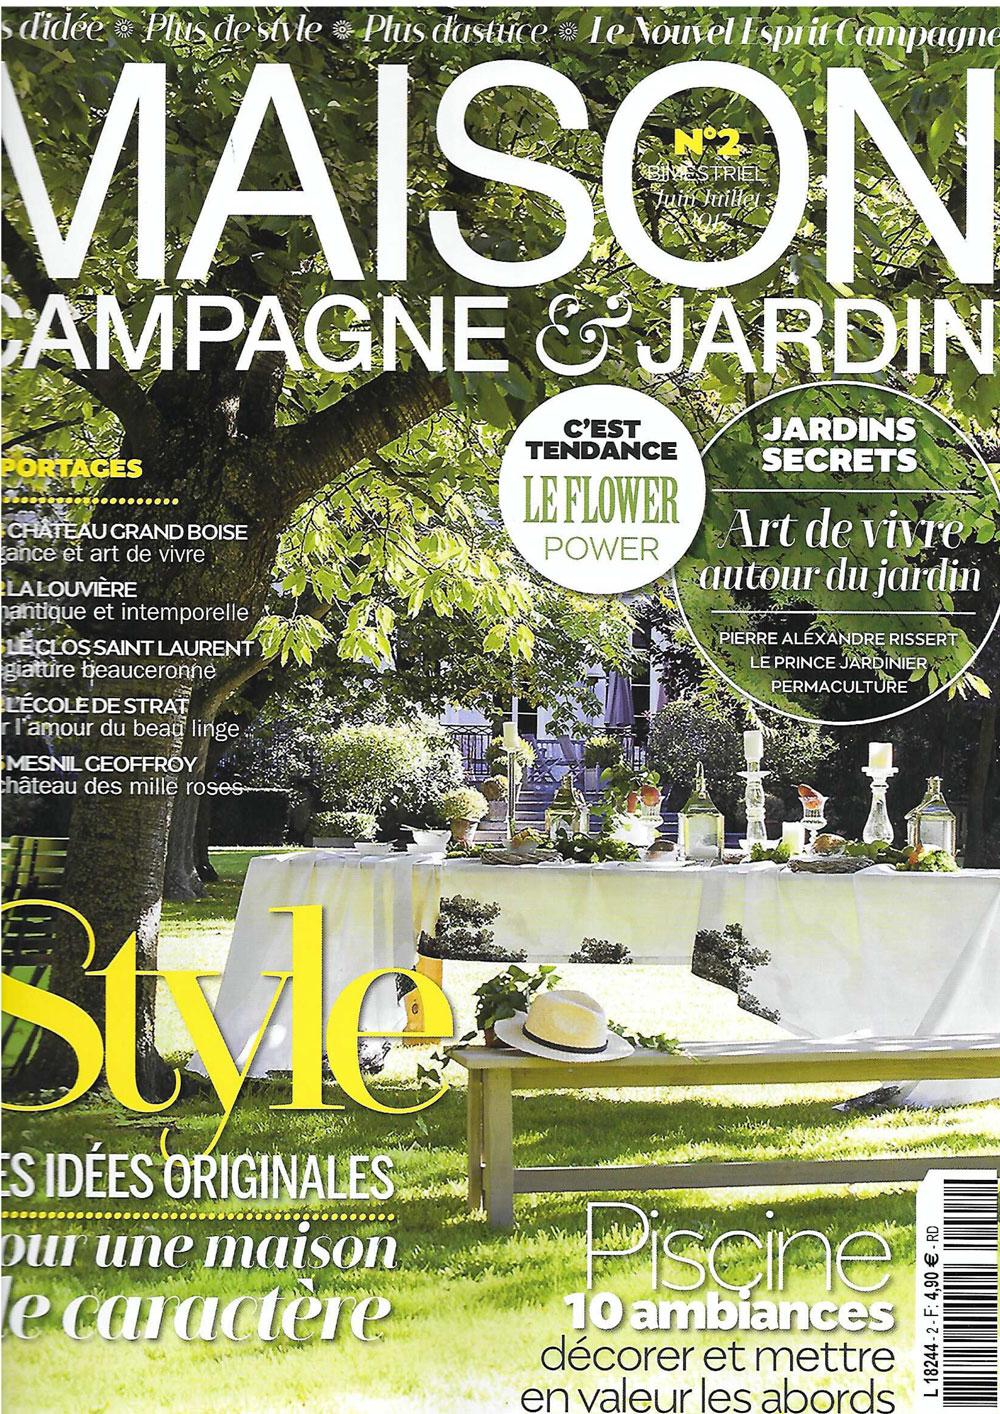 parution maison campagne jardin juin 2017 blog alexandre turpault. Black Bedroom Furniture Sets. Home Design Ideas